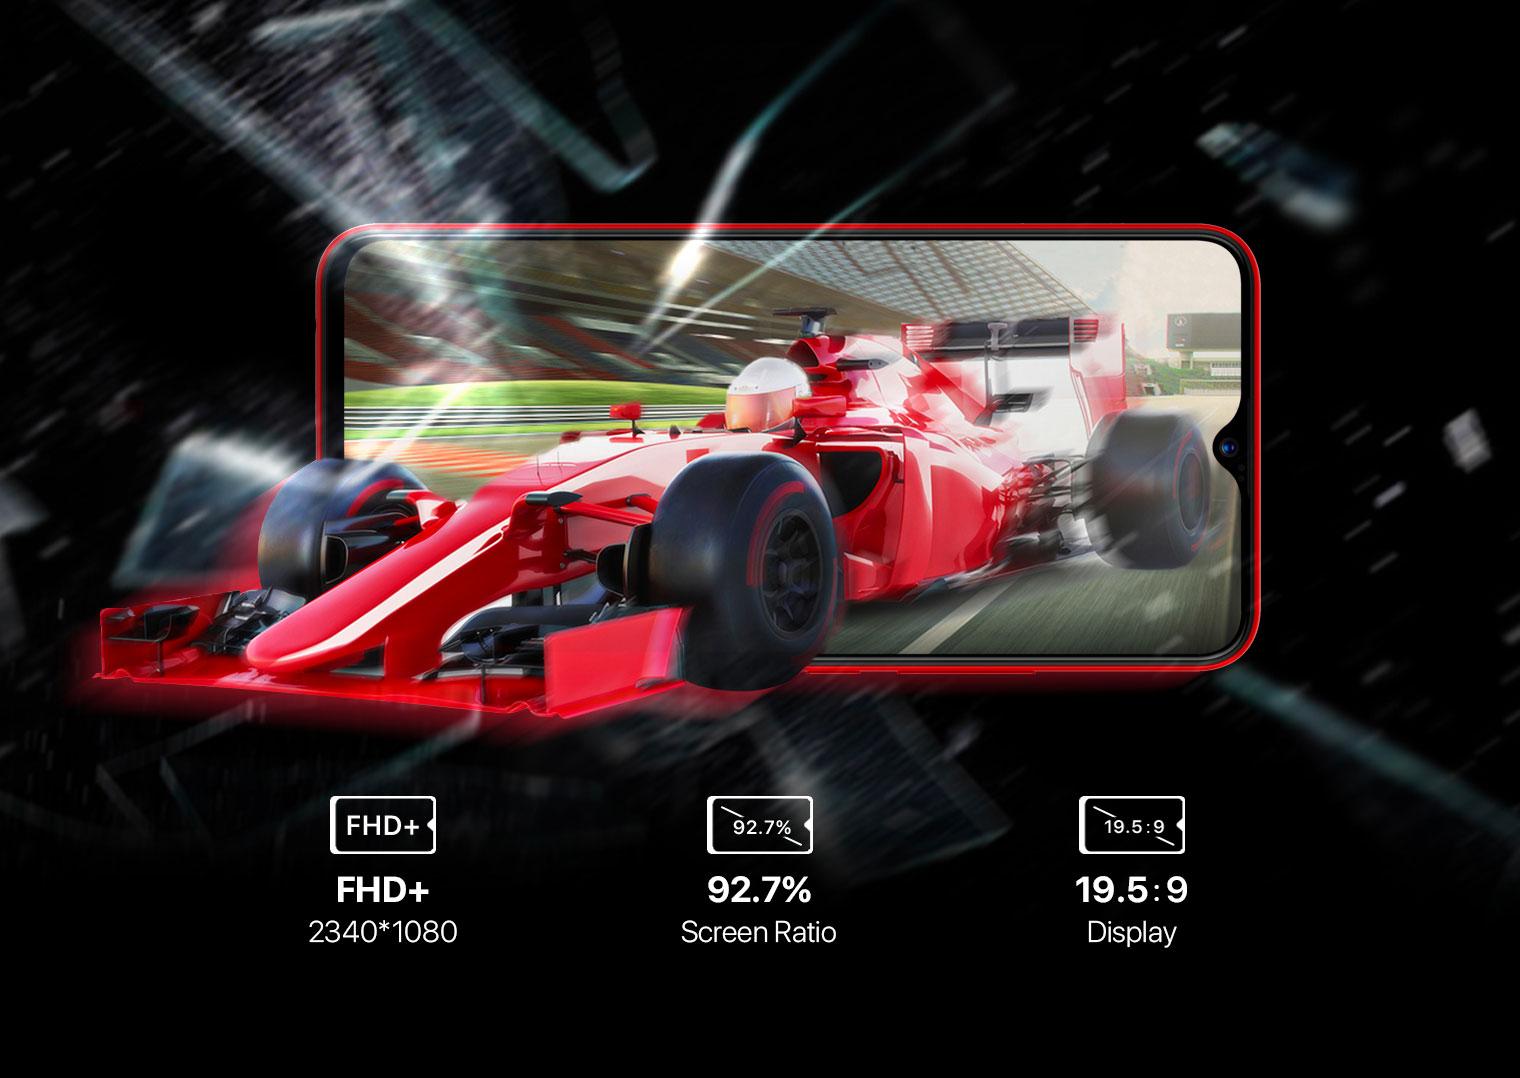 Хороший смартфон среднего класса UMIDIGI F1 - характеристики, цена, отзывы